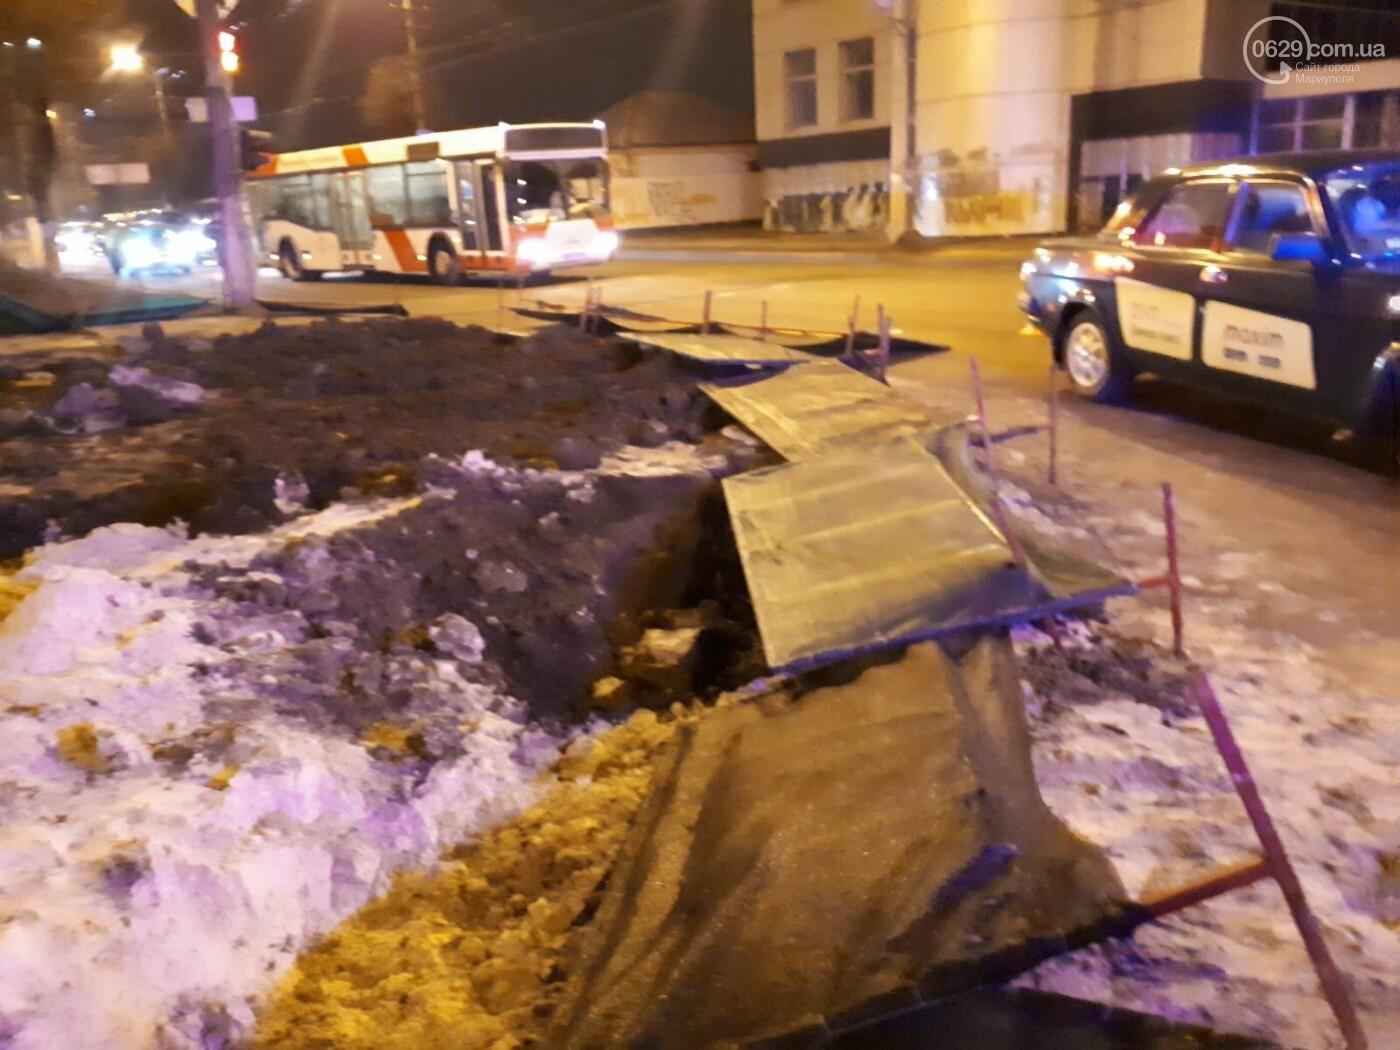 В Мариуполе конструкция, ограждающая коллектор, упала на автомобиль, - ФОТО, фото-4